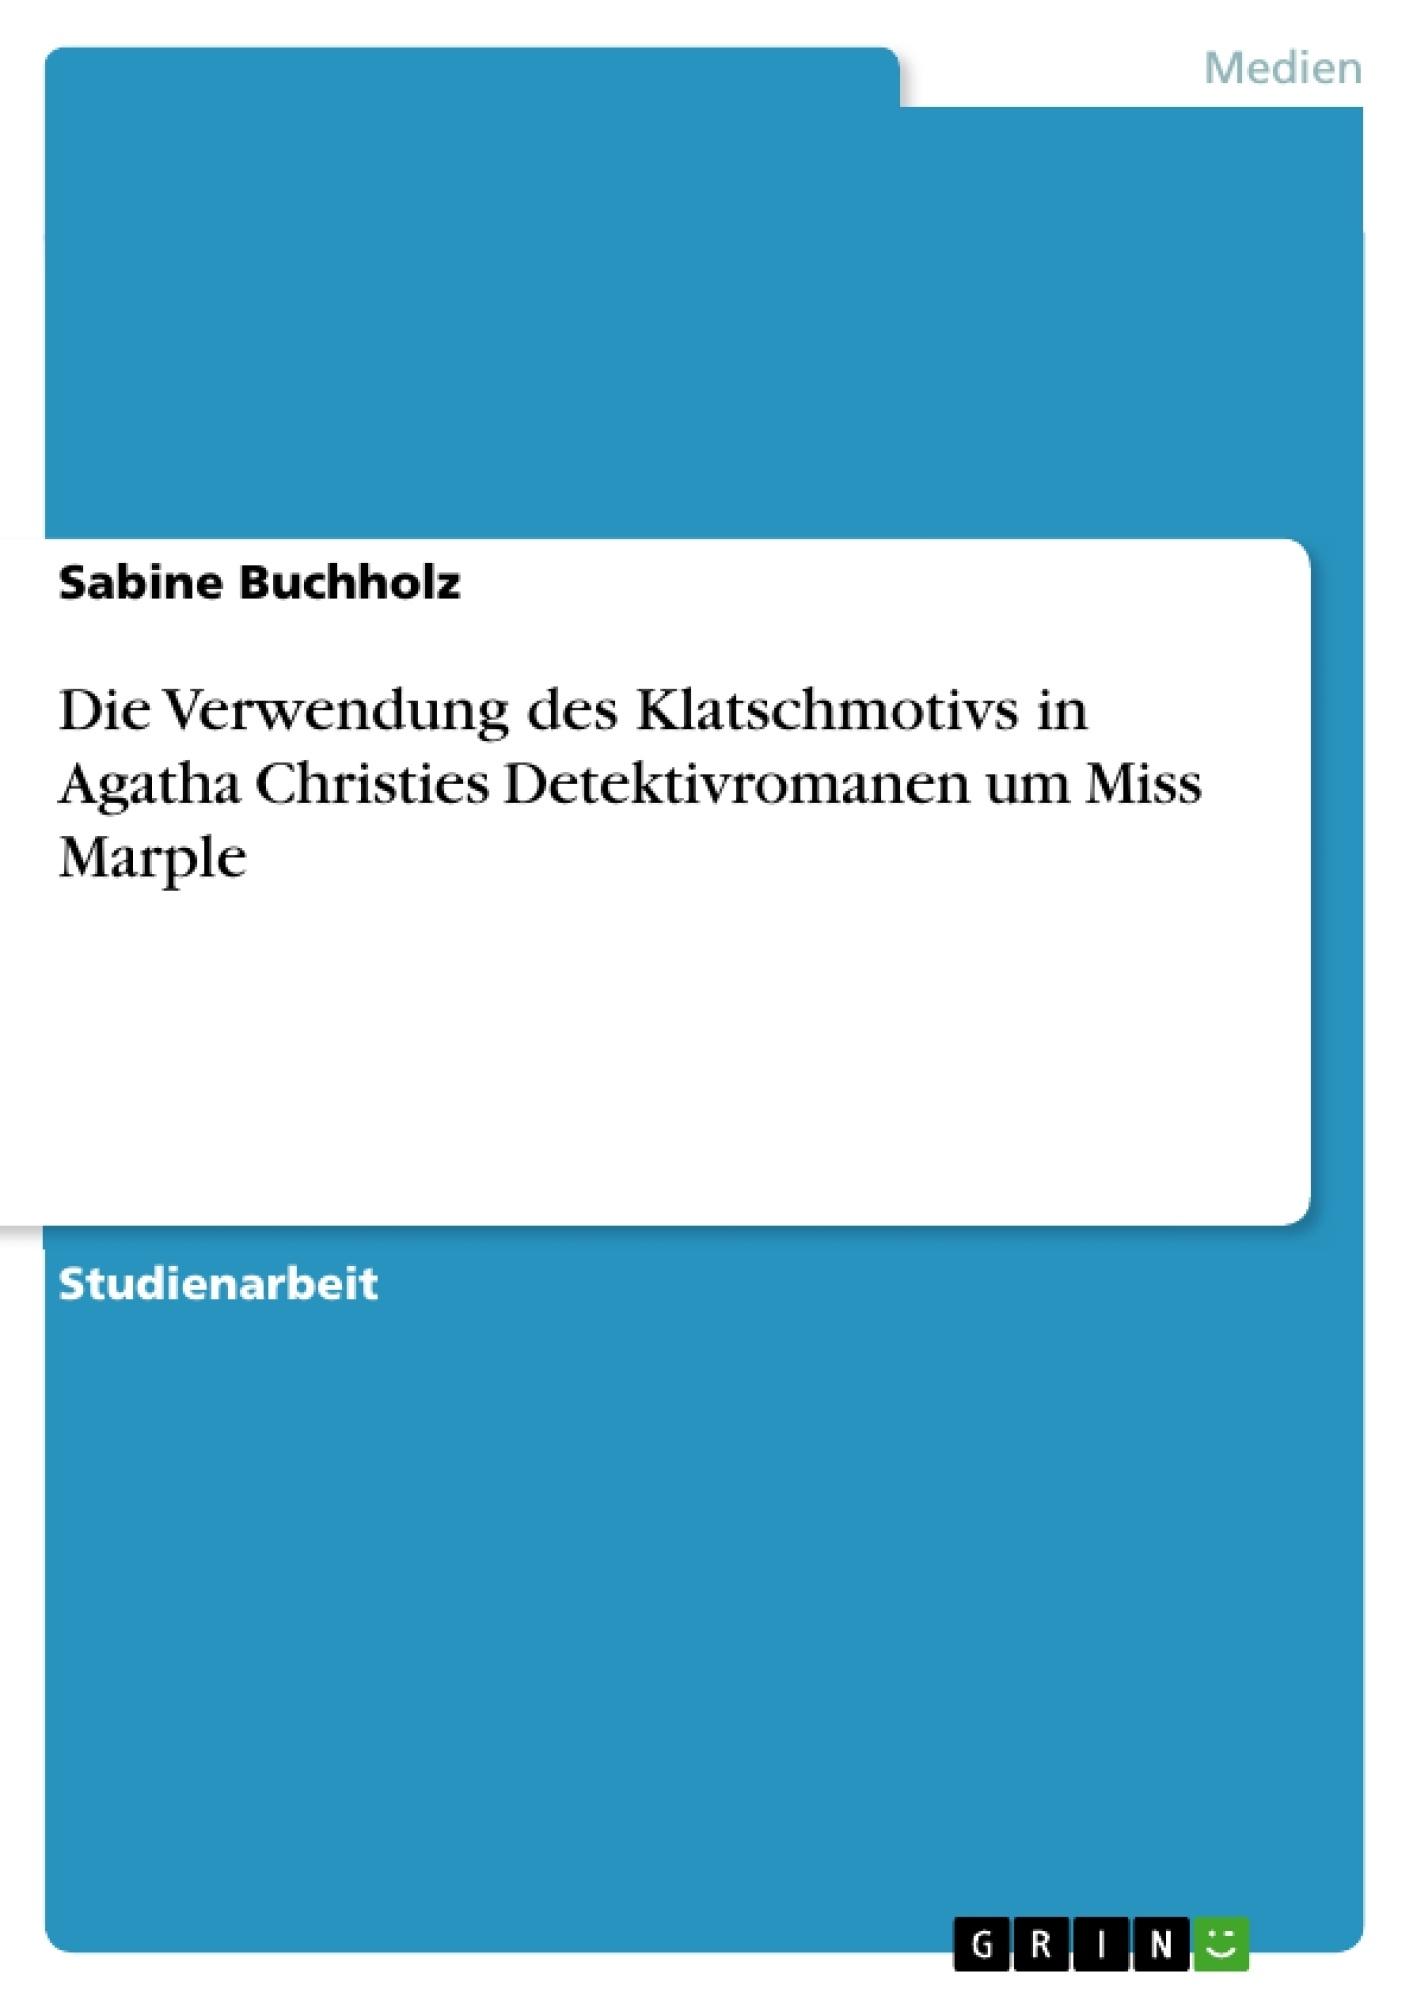 Titel: Die Verwendung des Klatschmotivs in Agatha Christies Detektivromanen um Miss Marple